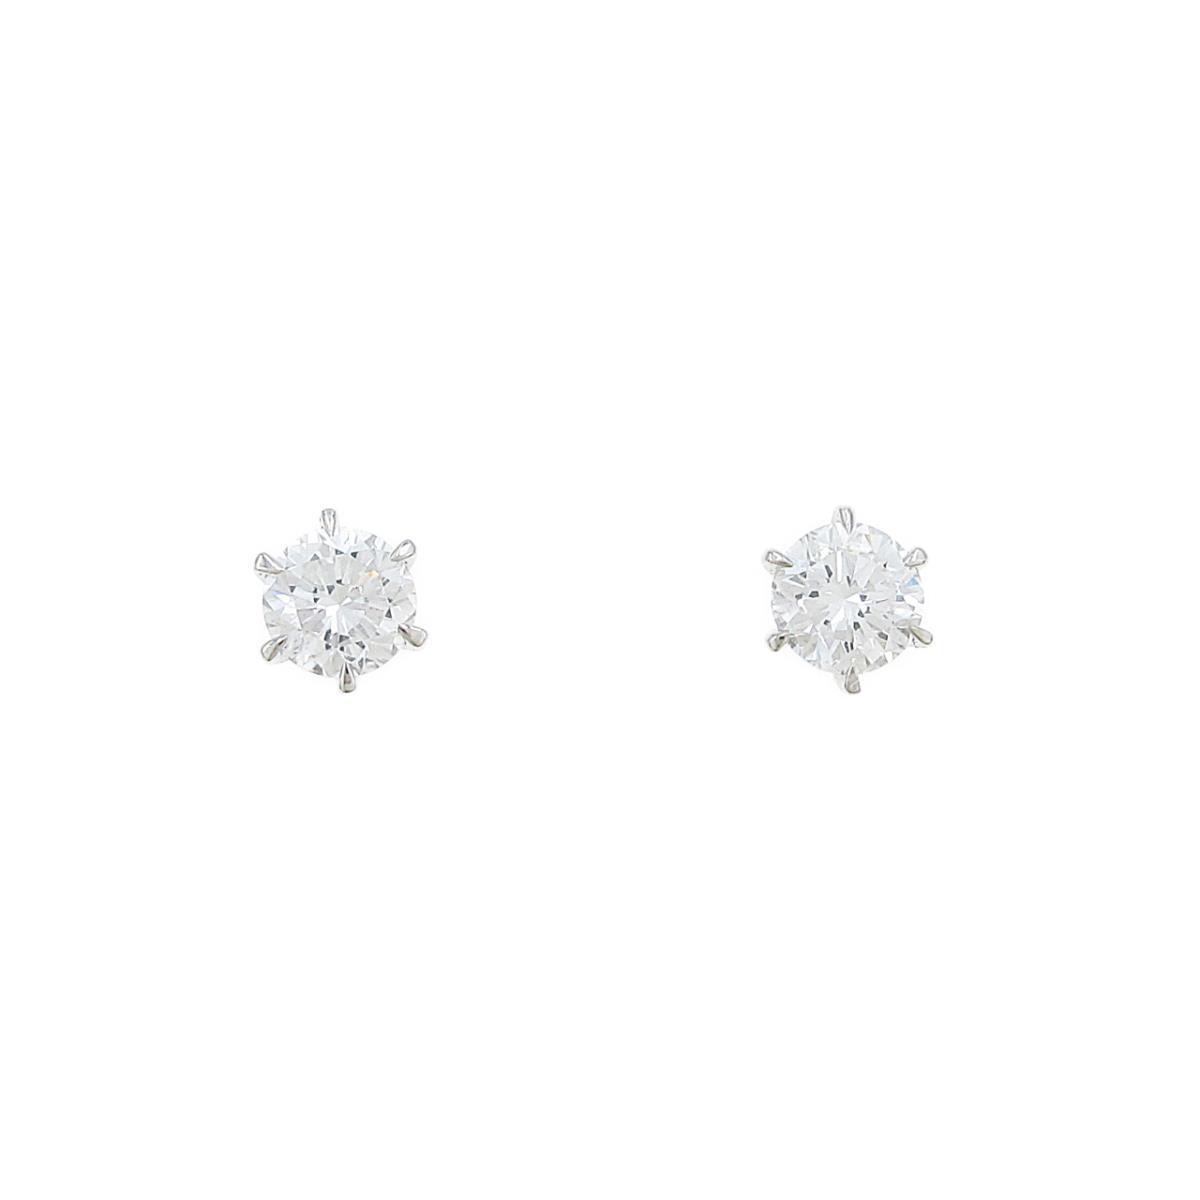 【リメイク】ST/プラチナダイヤモンドピアス 0.377ct・F・SI1・GOOD-FAIR【中古】